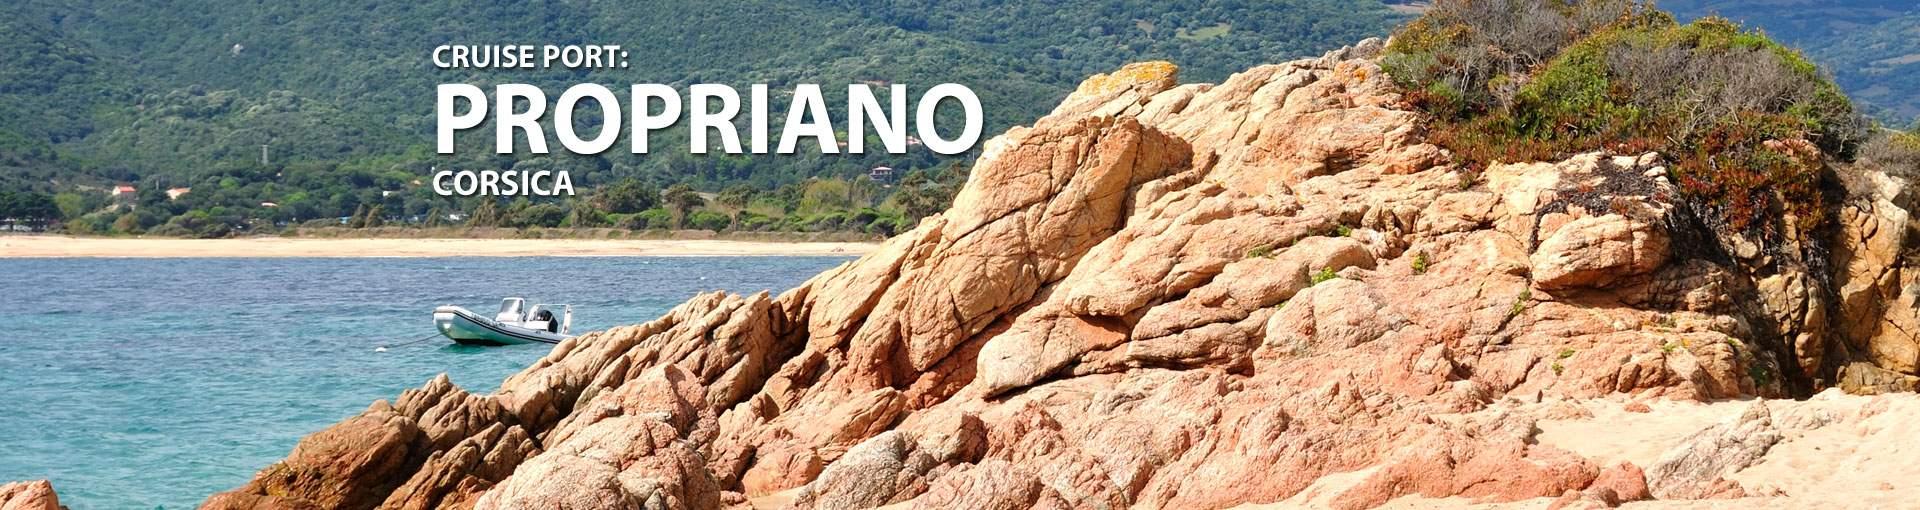 Cruises to Propriano, Corsica